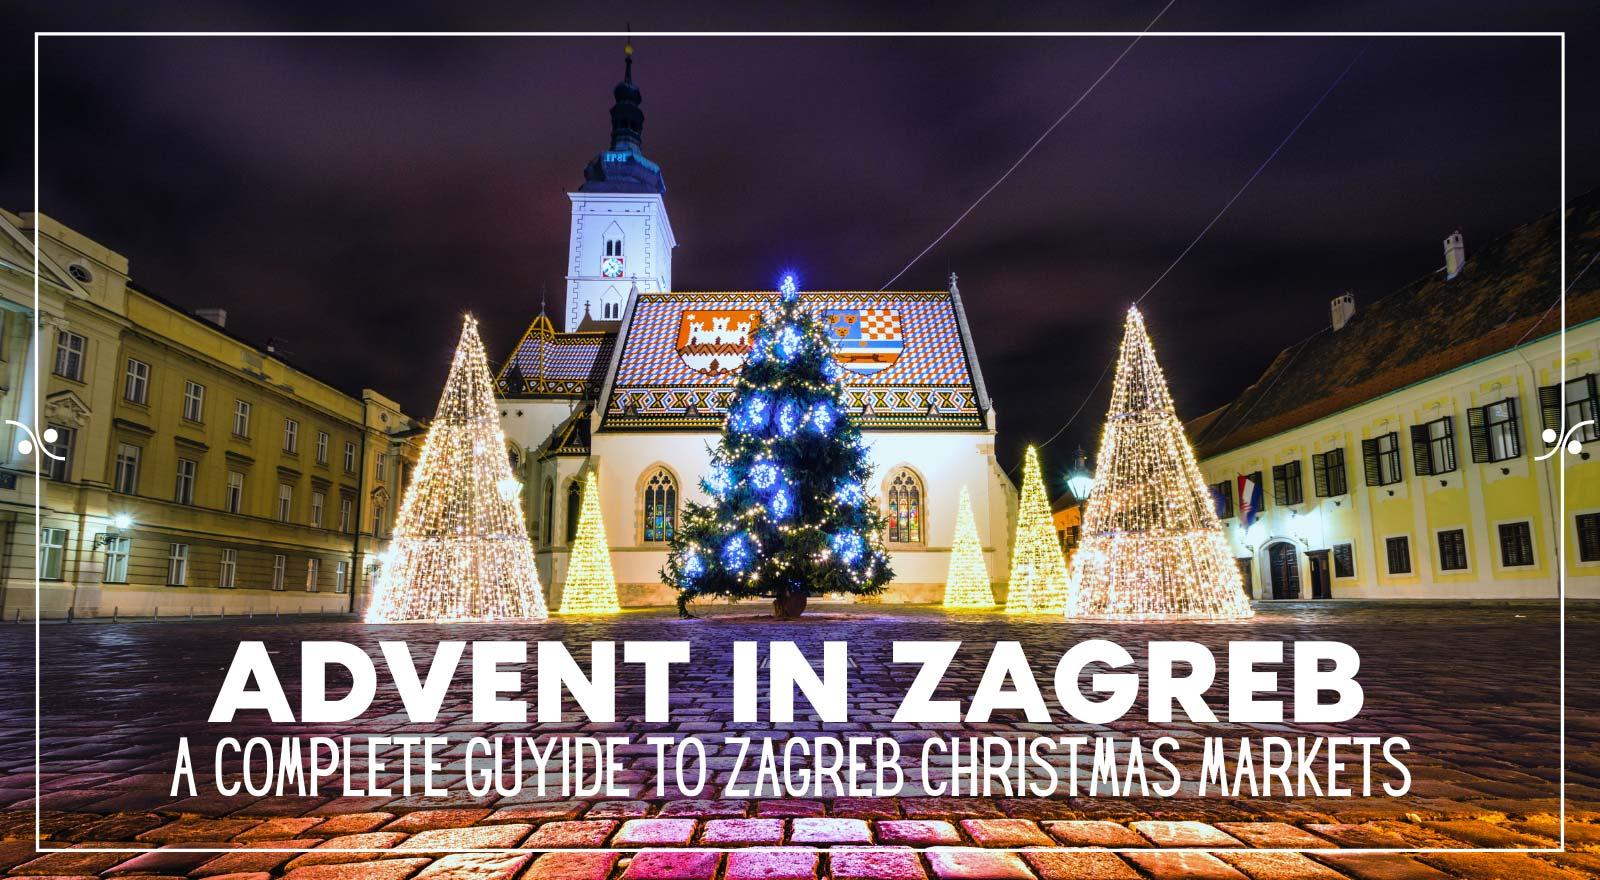 Zagreb Christmas Market Advent In Zagreb, Illustration